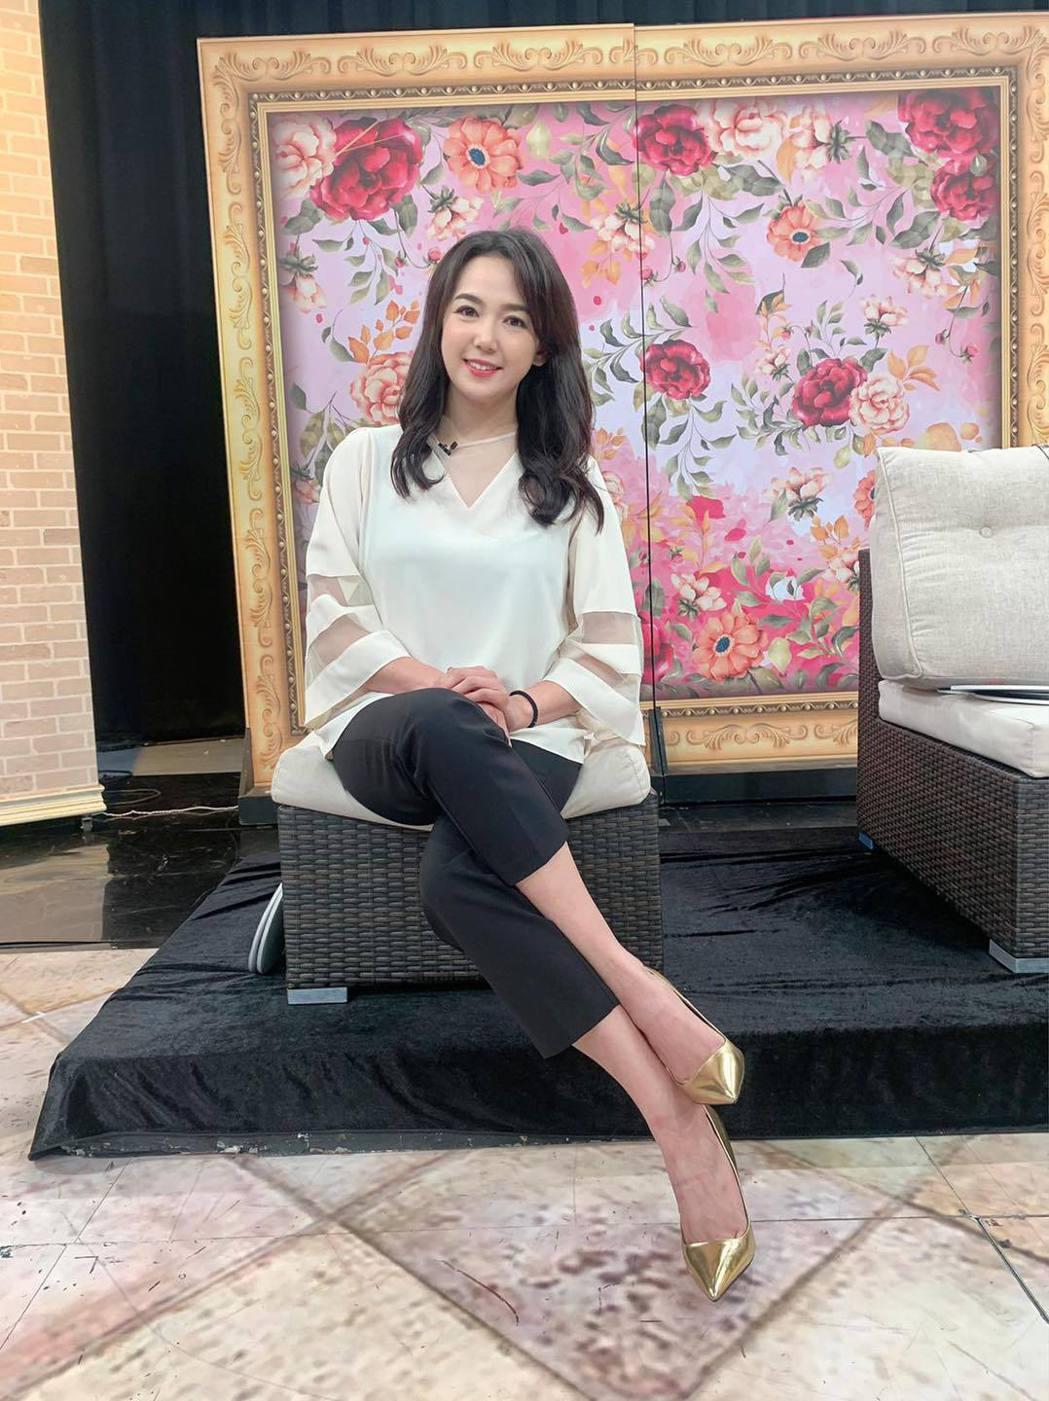 「布丁姐姐」陳櫻文衰遭網友出征。 圖/摘自臉書